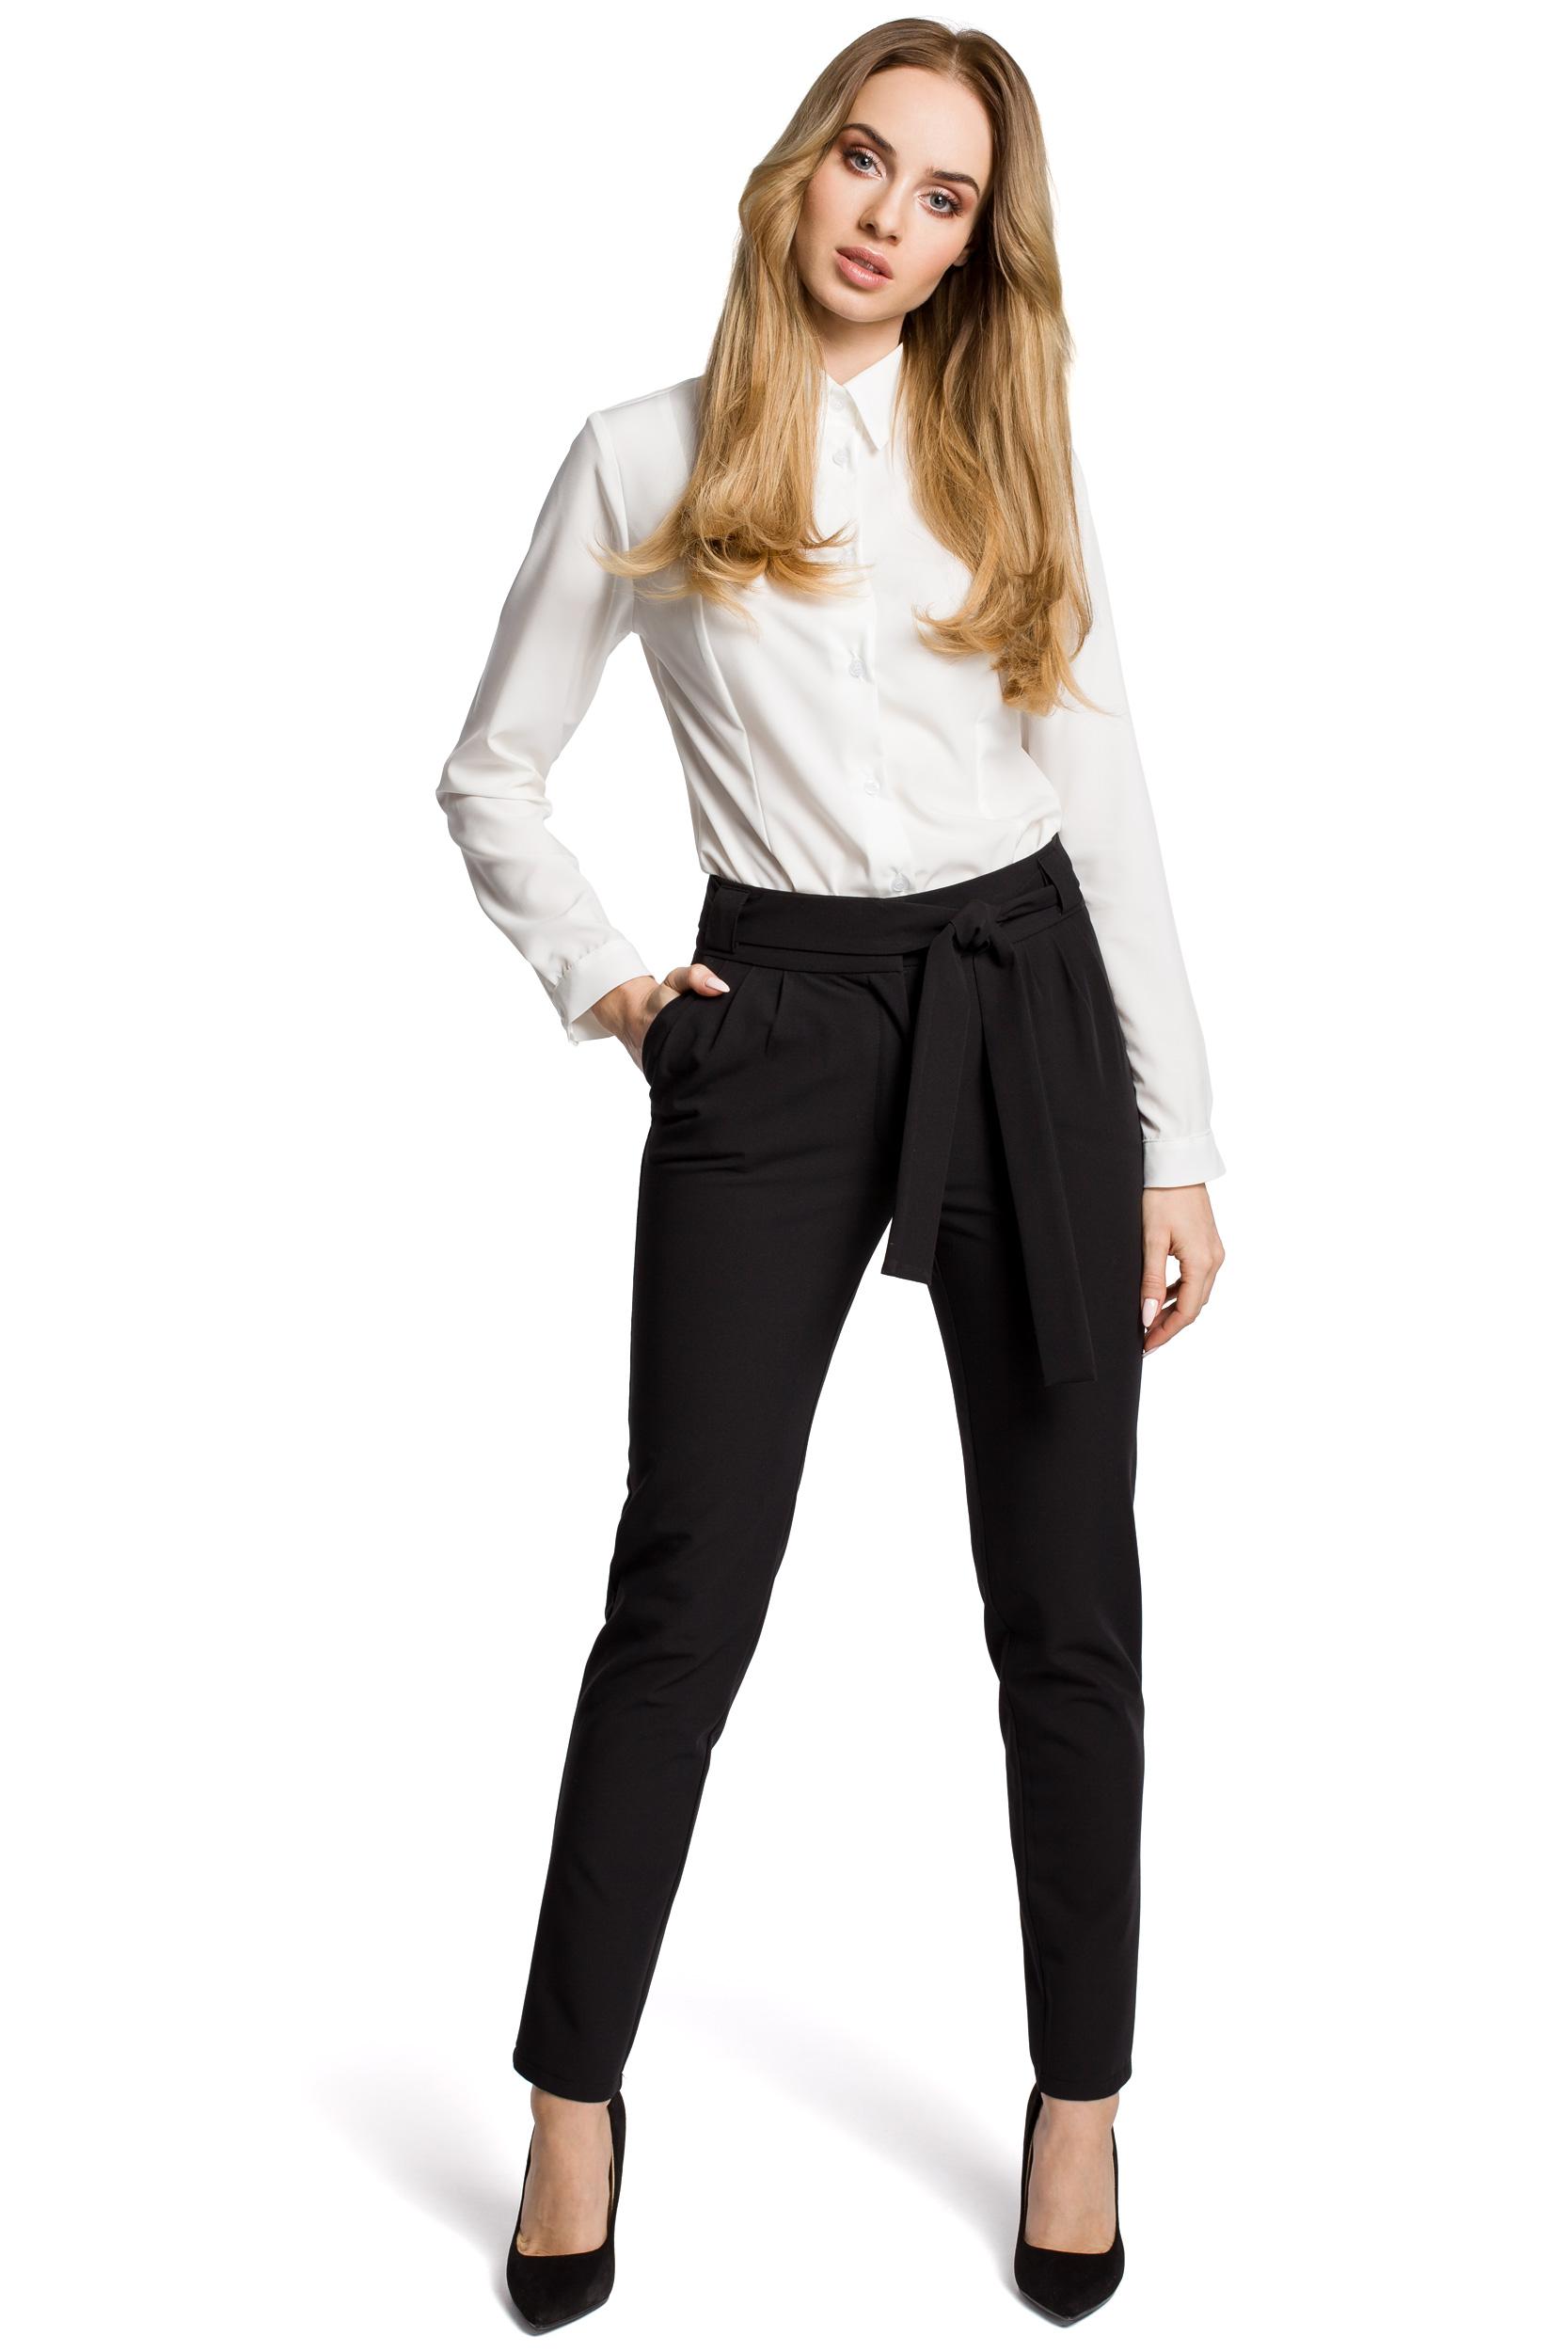 89b1335bf5a0 Damskie spodnie chino z wysokim stanem z paskiem czarne M363